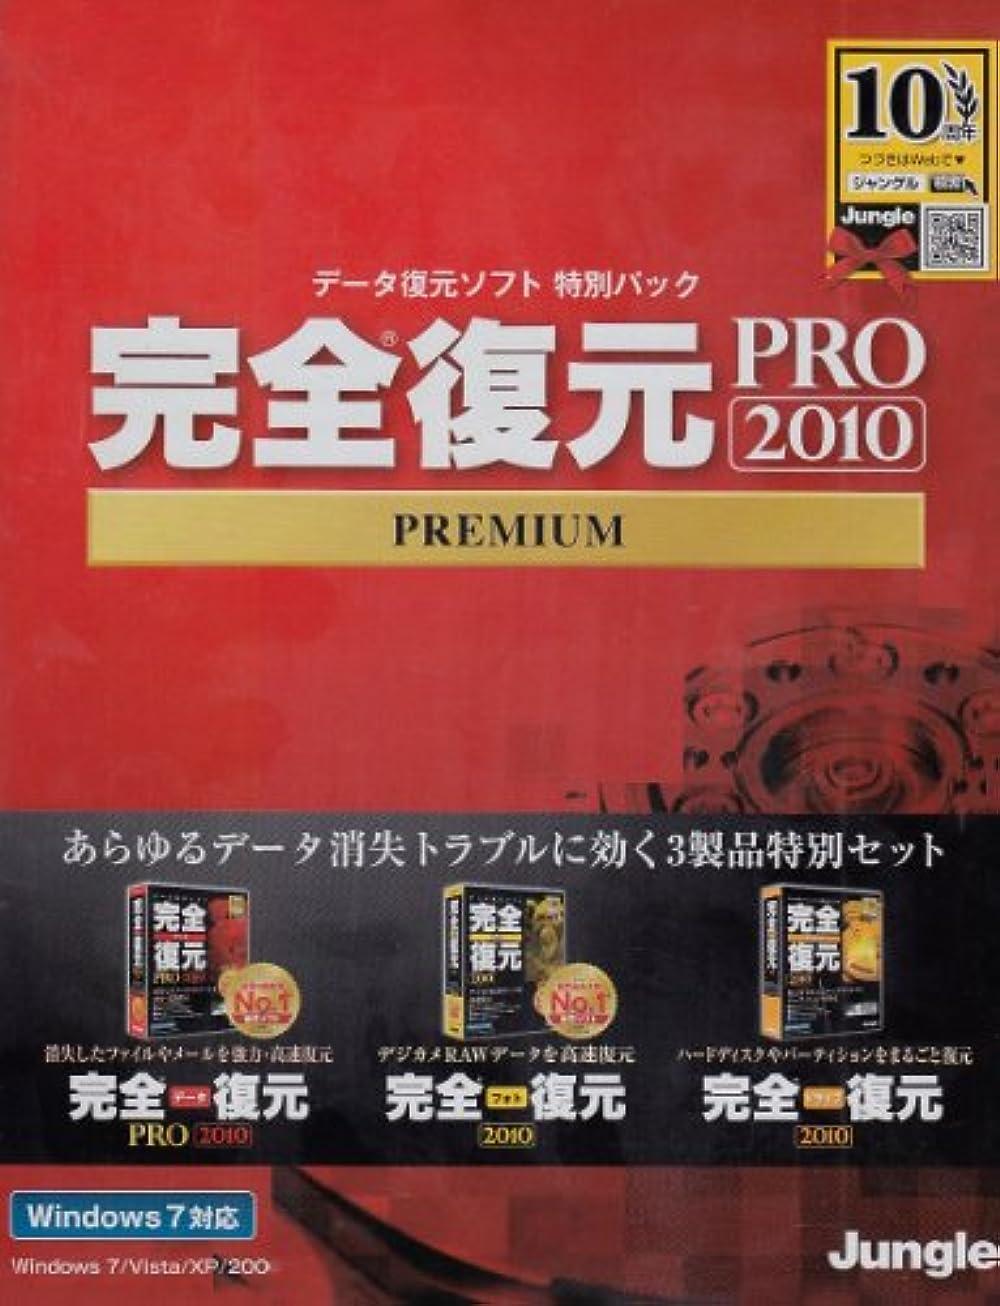 スケッチミントスタック完全復元PRO2010 Premium